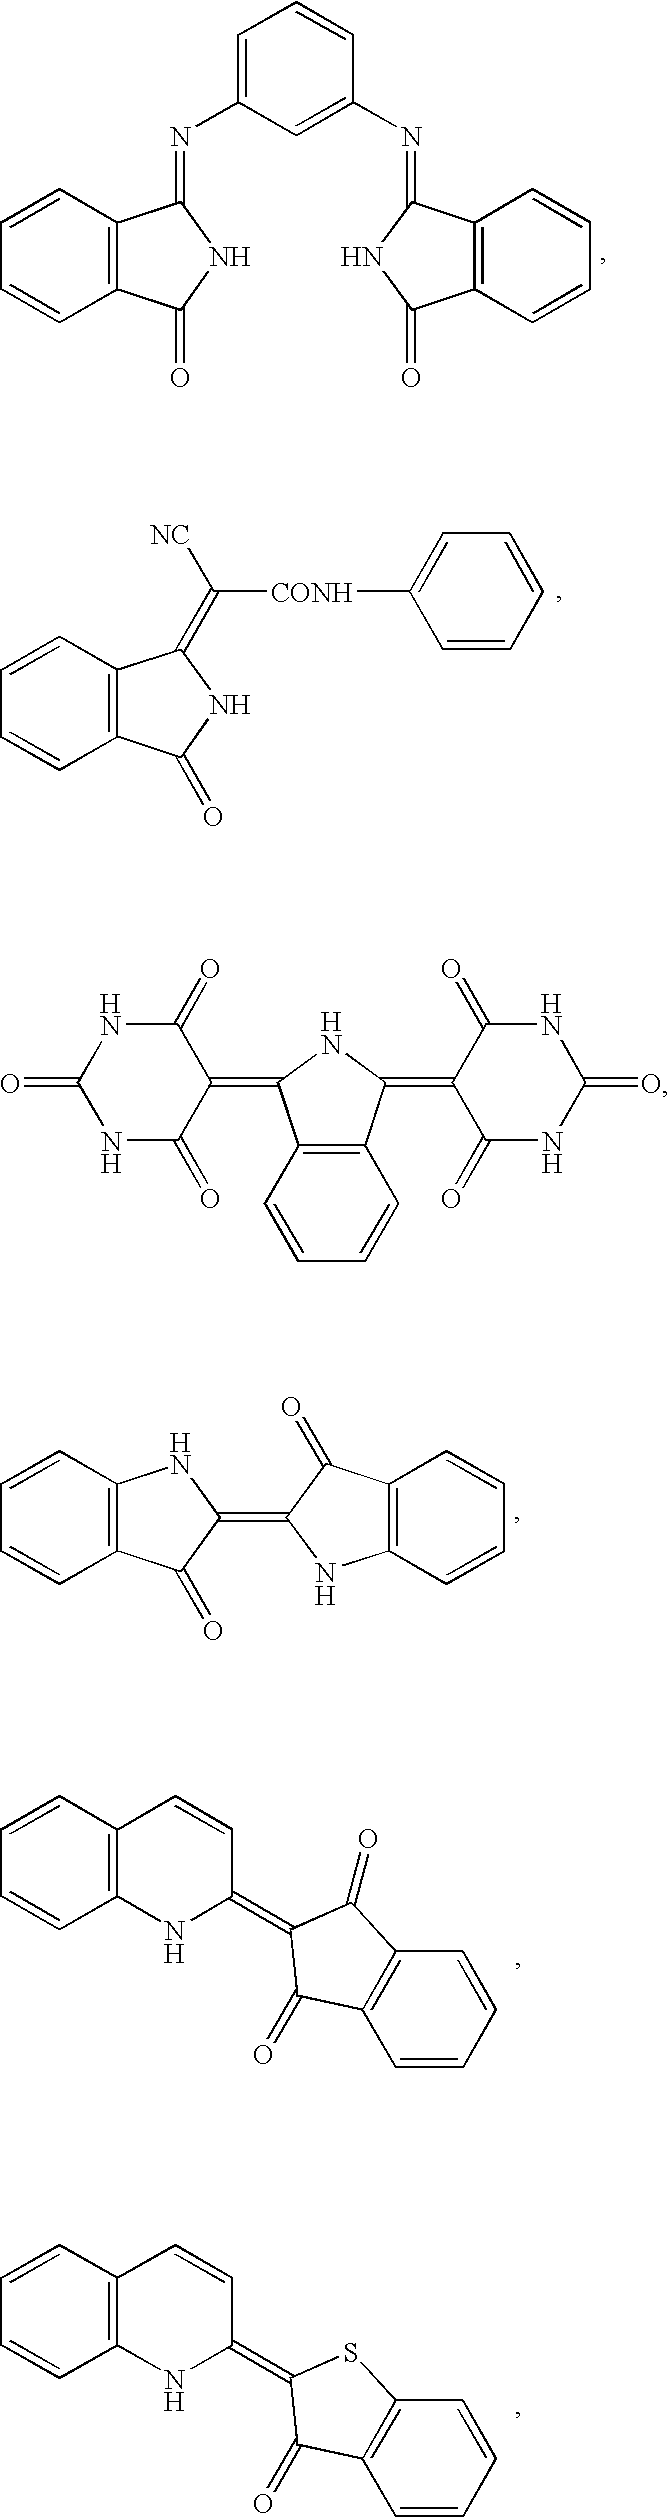 Figure US06645257-20031111-C00005